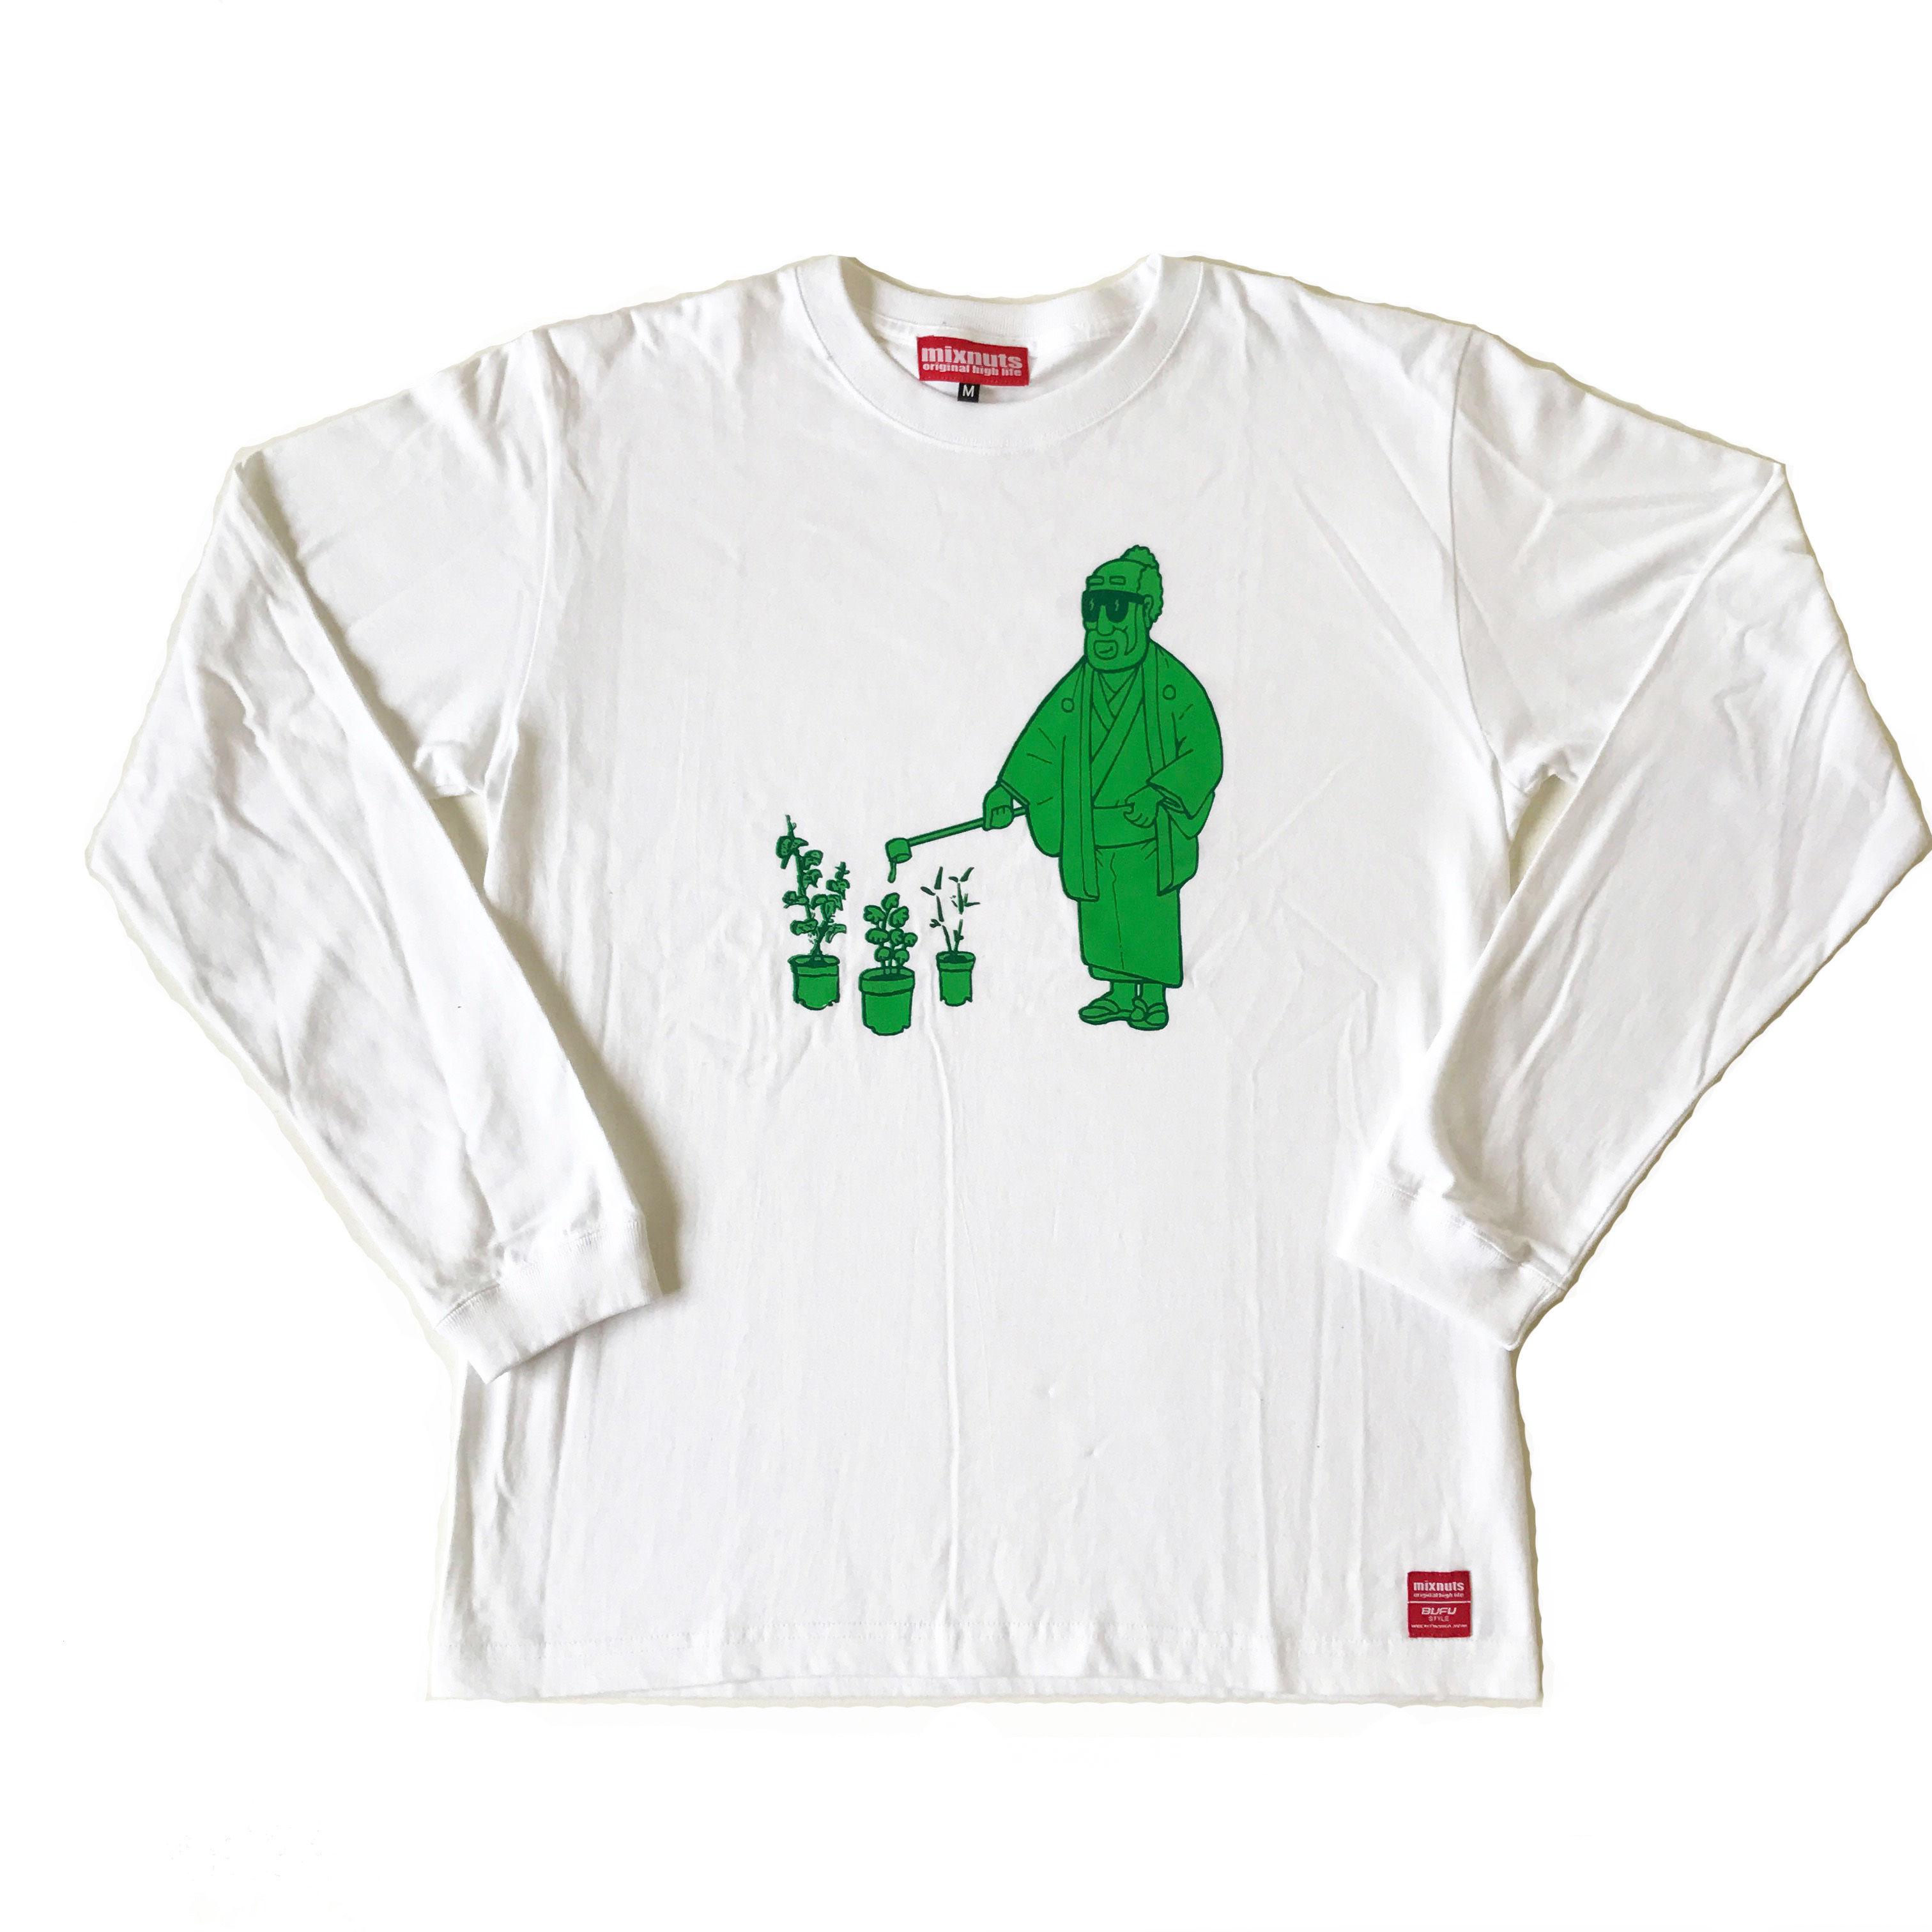 MIXNUTS×EDOCOMIC Long Sleeve T-Shirts